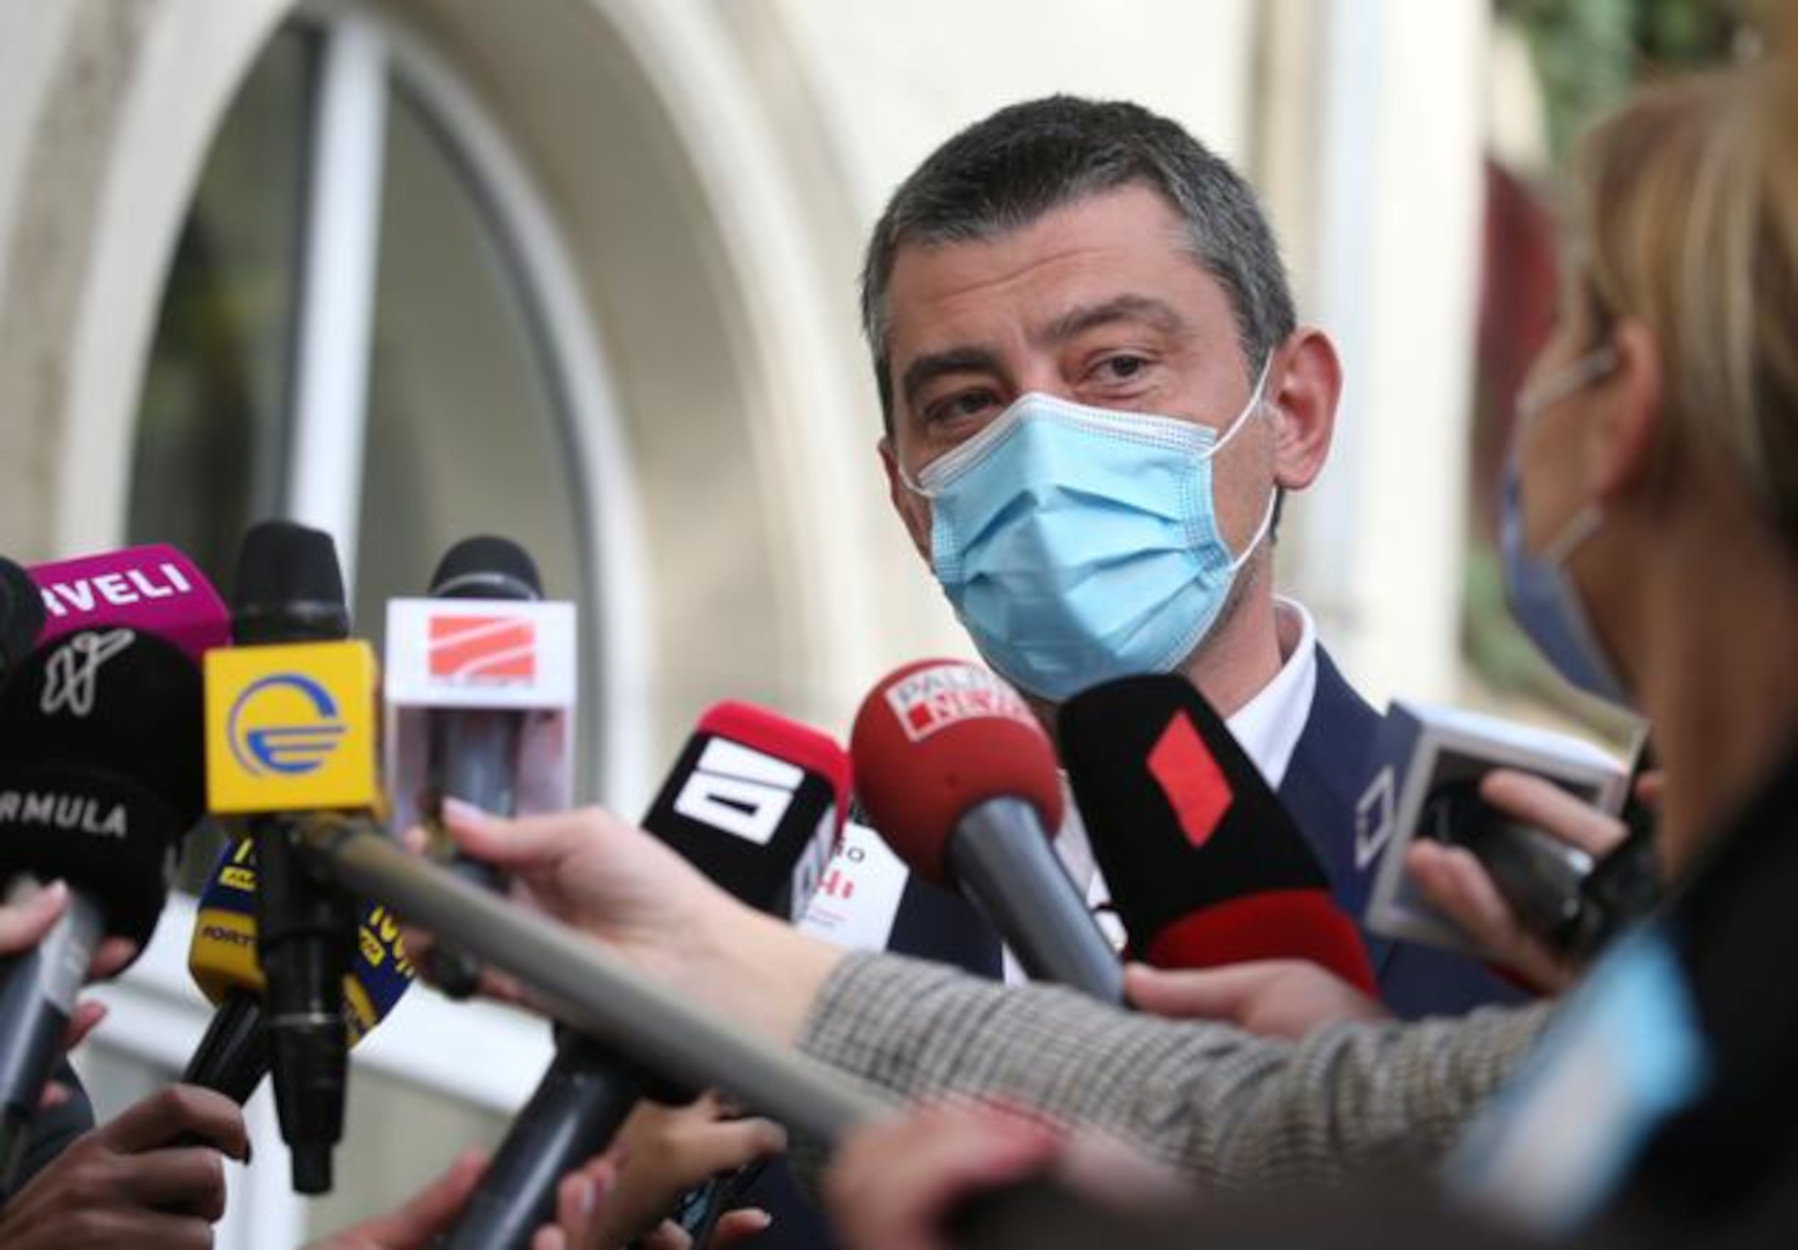 Γεωργία: Παραιτήθηκε ο πρωθυπουργός Γκιόργκι Γκαχάρια